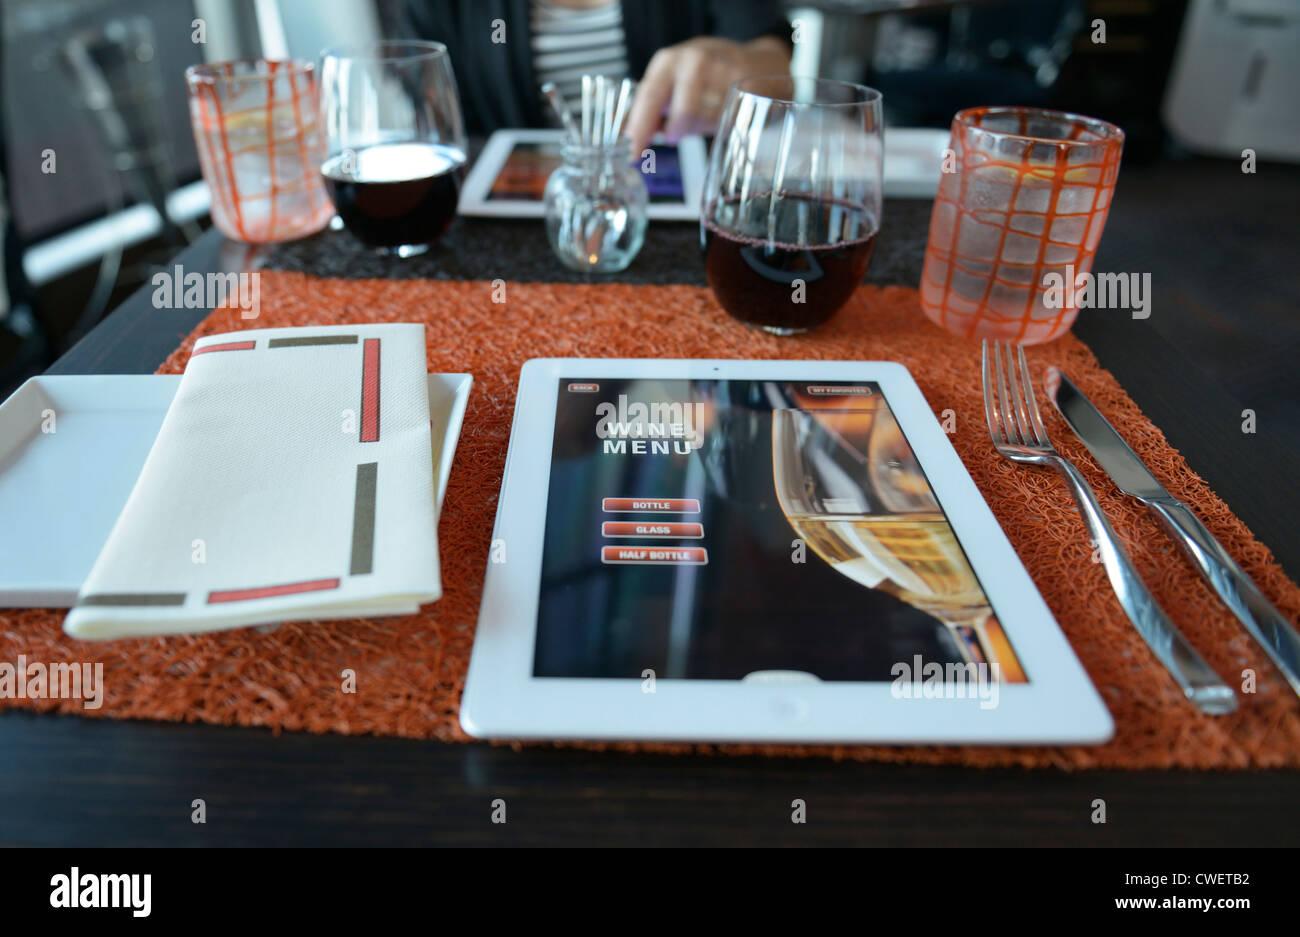 Un menu de restaurant sur ipad. La page sélectionnée est la page d'accueil pour les vins. Photo Stock